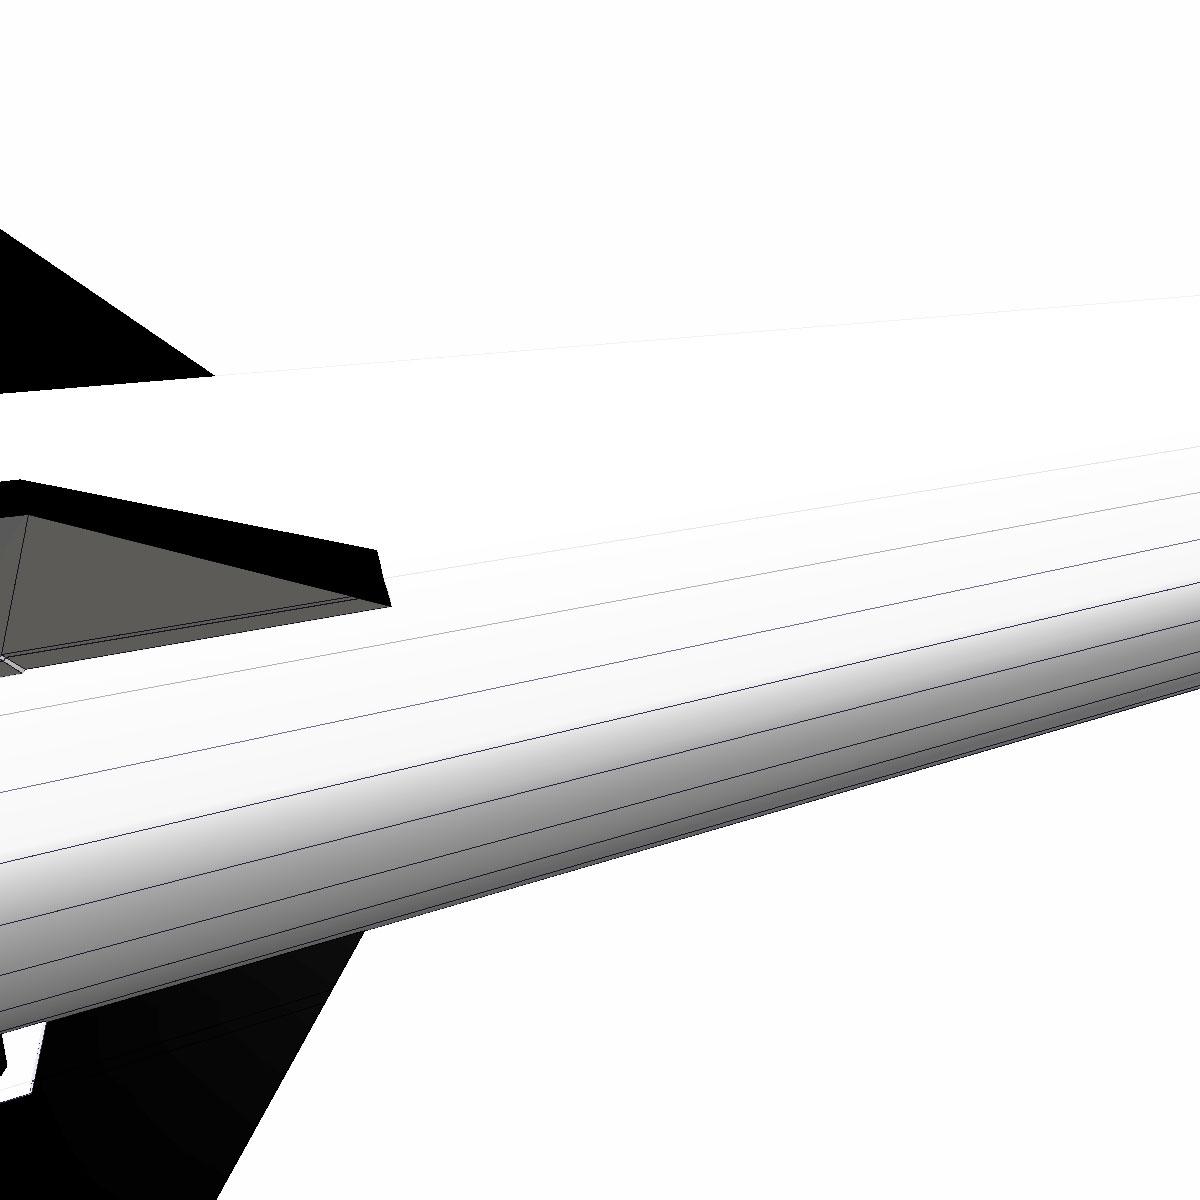 condor i-aiii/alacran missile 3d model 3ds dxf fbx blend cob dae x  obj 166215